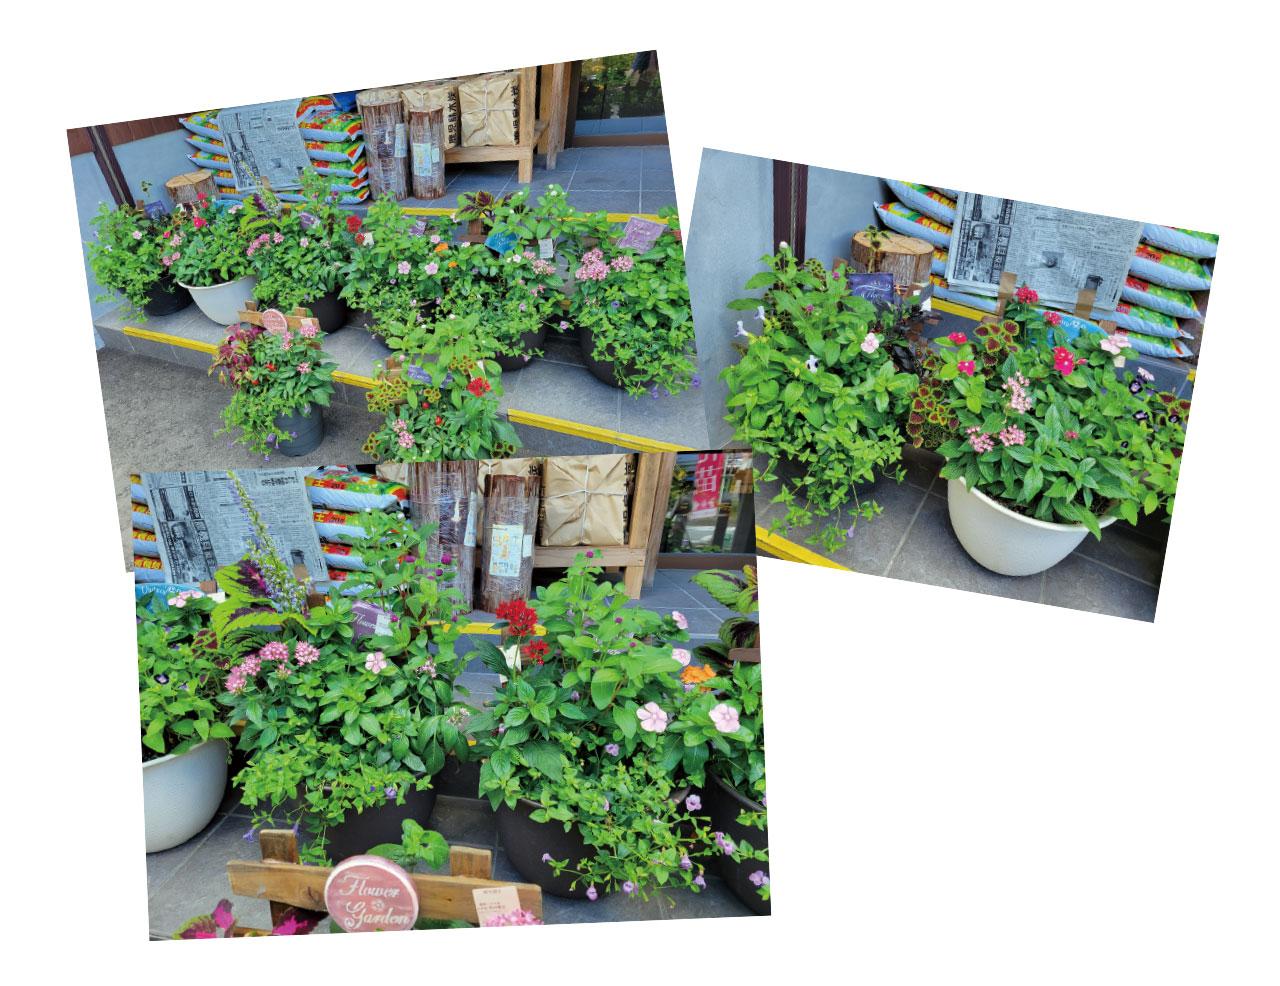 園芸コーナー『GreenGarden』の風景